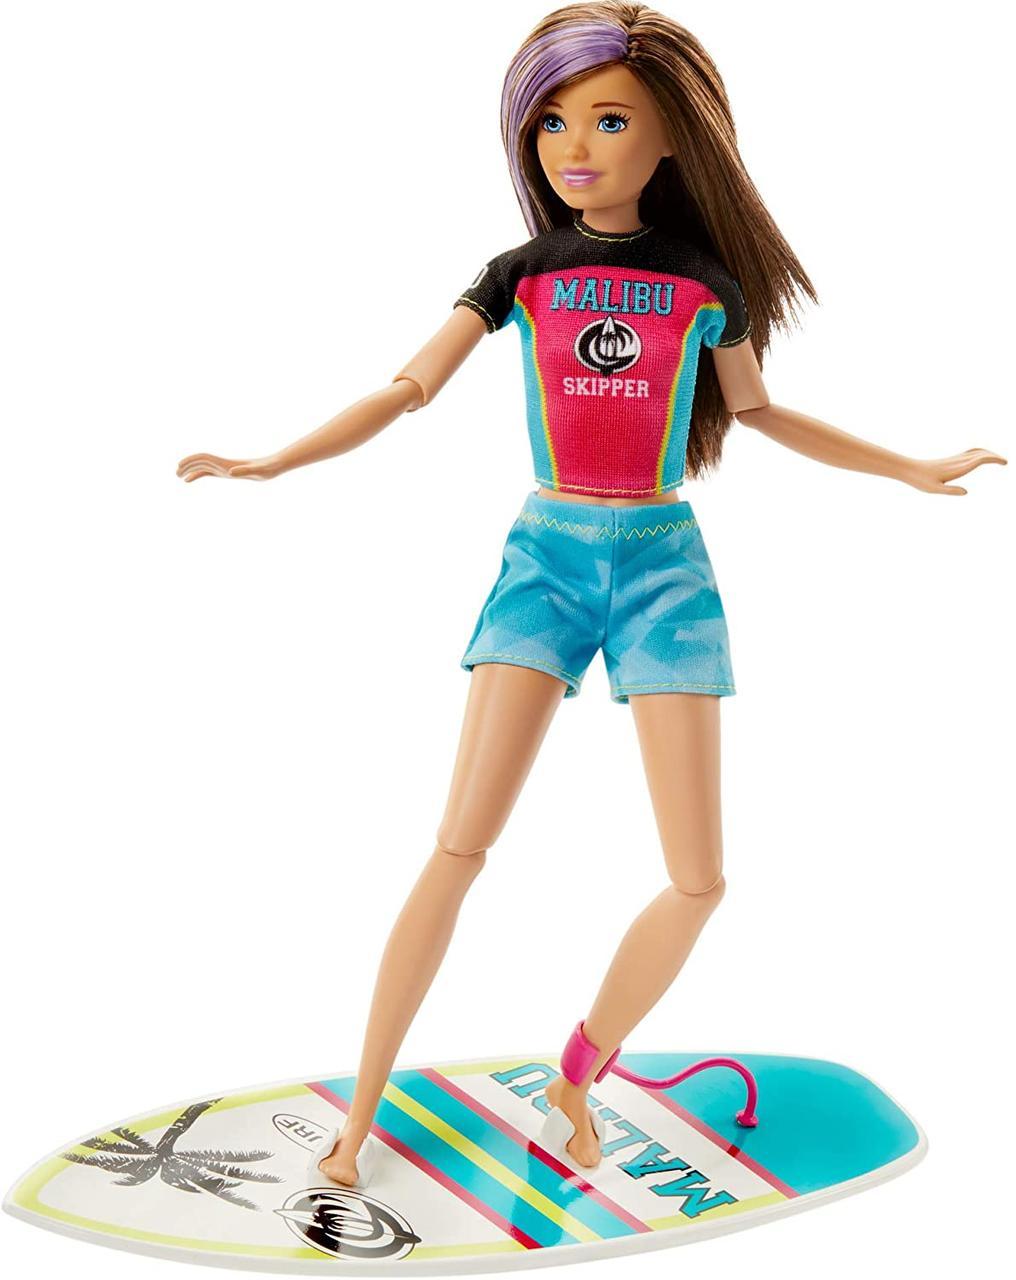 Кукла Барби Оригинал с доской для серфинга и аксессуарами (GHK36) (887961795226)